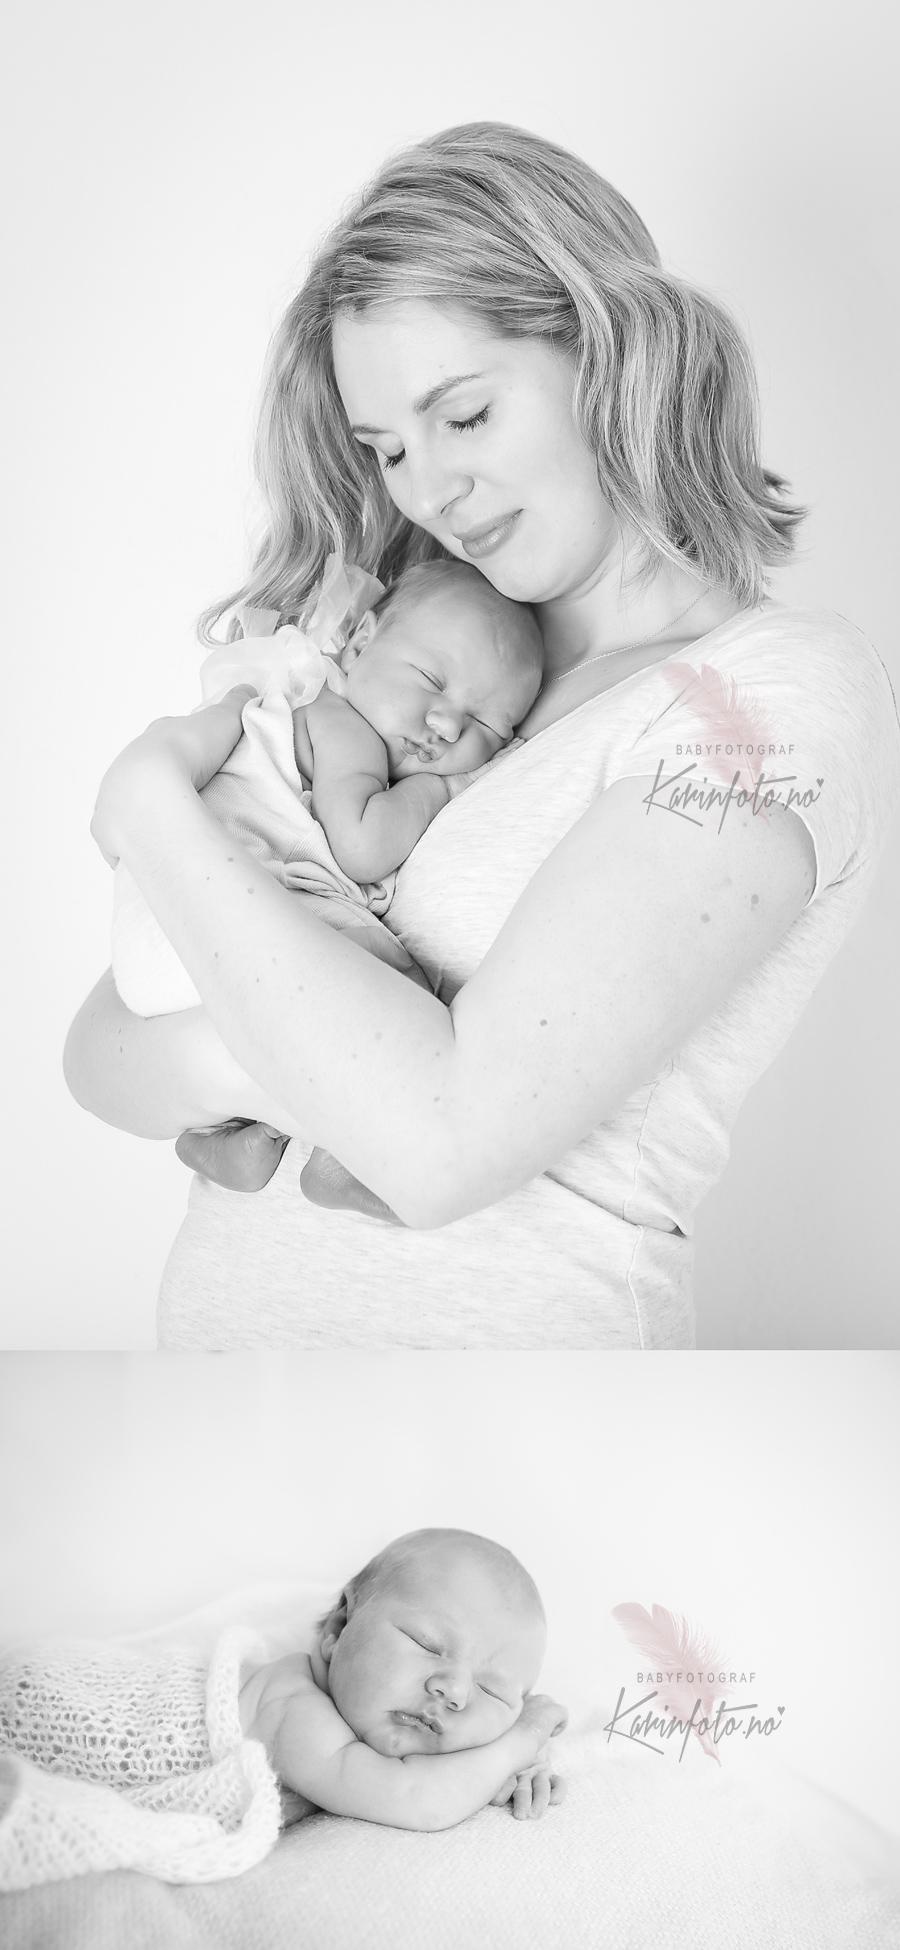 Nyfødtfoto,morogdatter,karinfoto,nyfødtfotografering,erfaren nyfødtfotograf,babyfotograf,babyfoto,sarpsborg,oslo,østfold,akershus